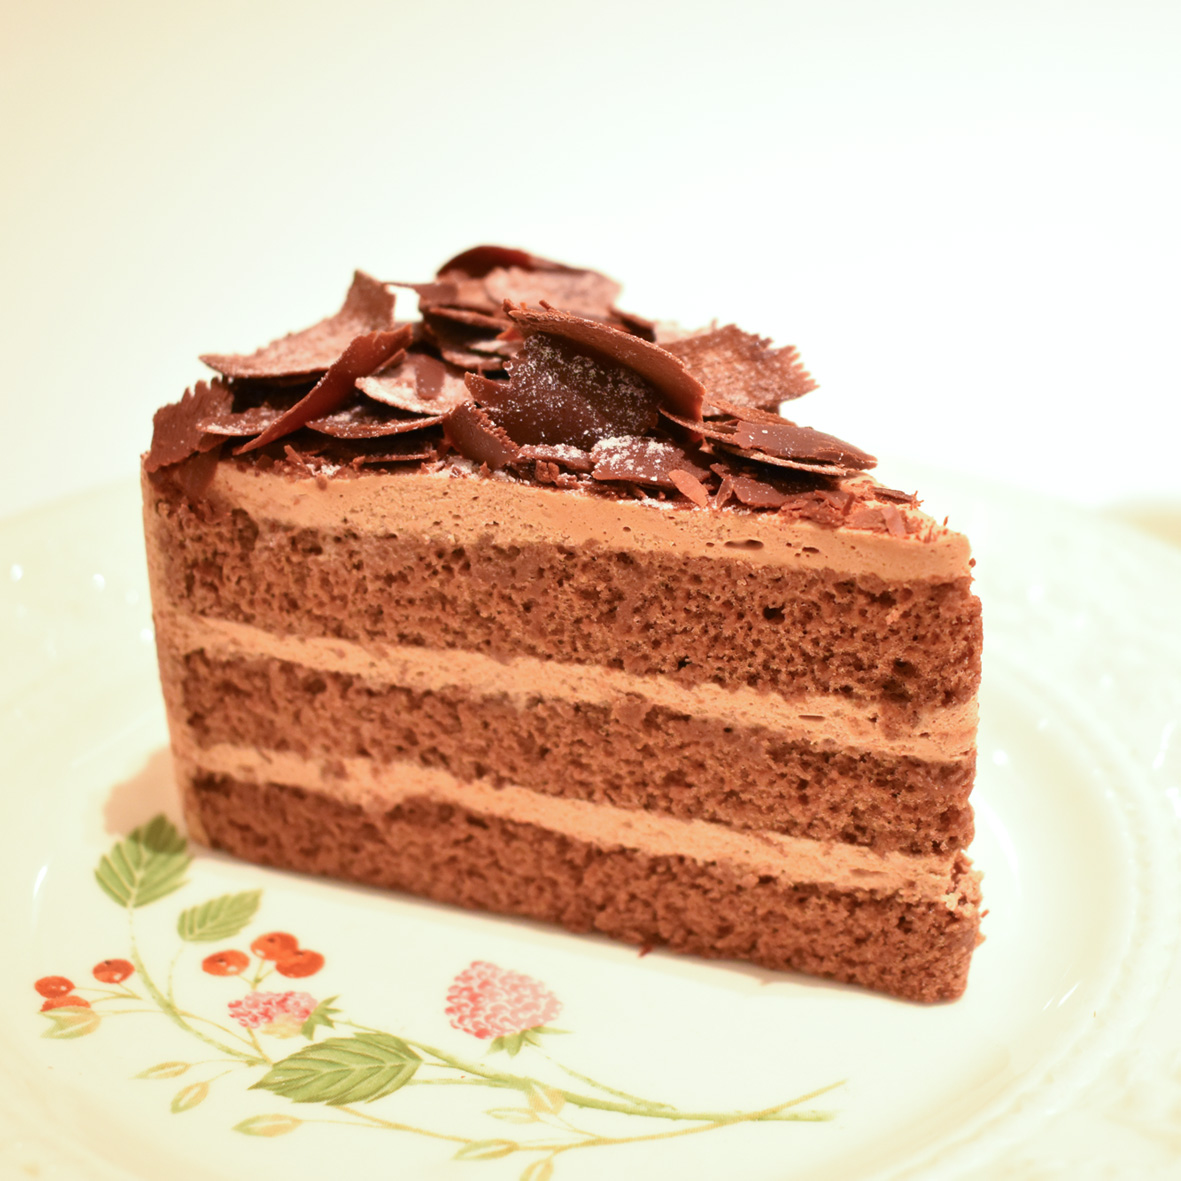 モーニングセットにテラス店限定のケーキが登場しました♪